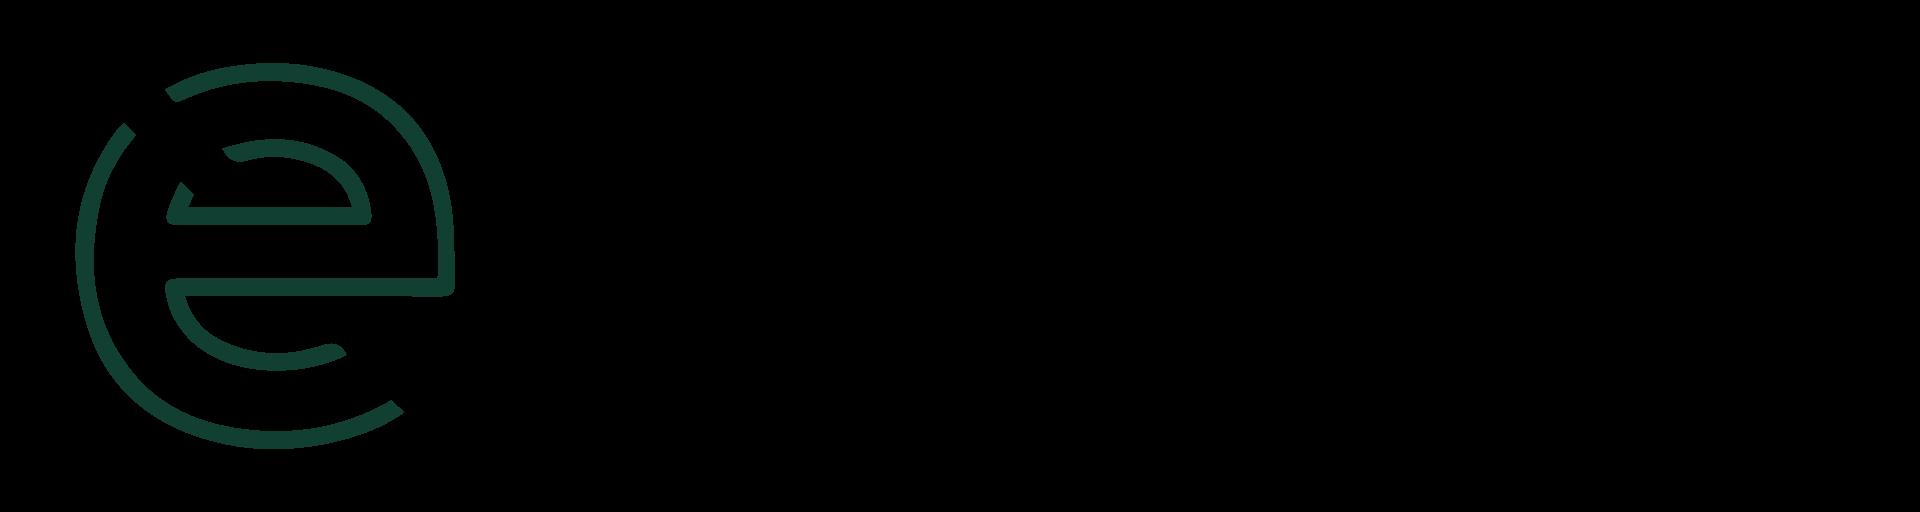 Eclipium